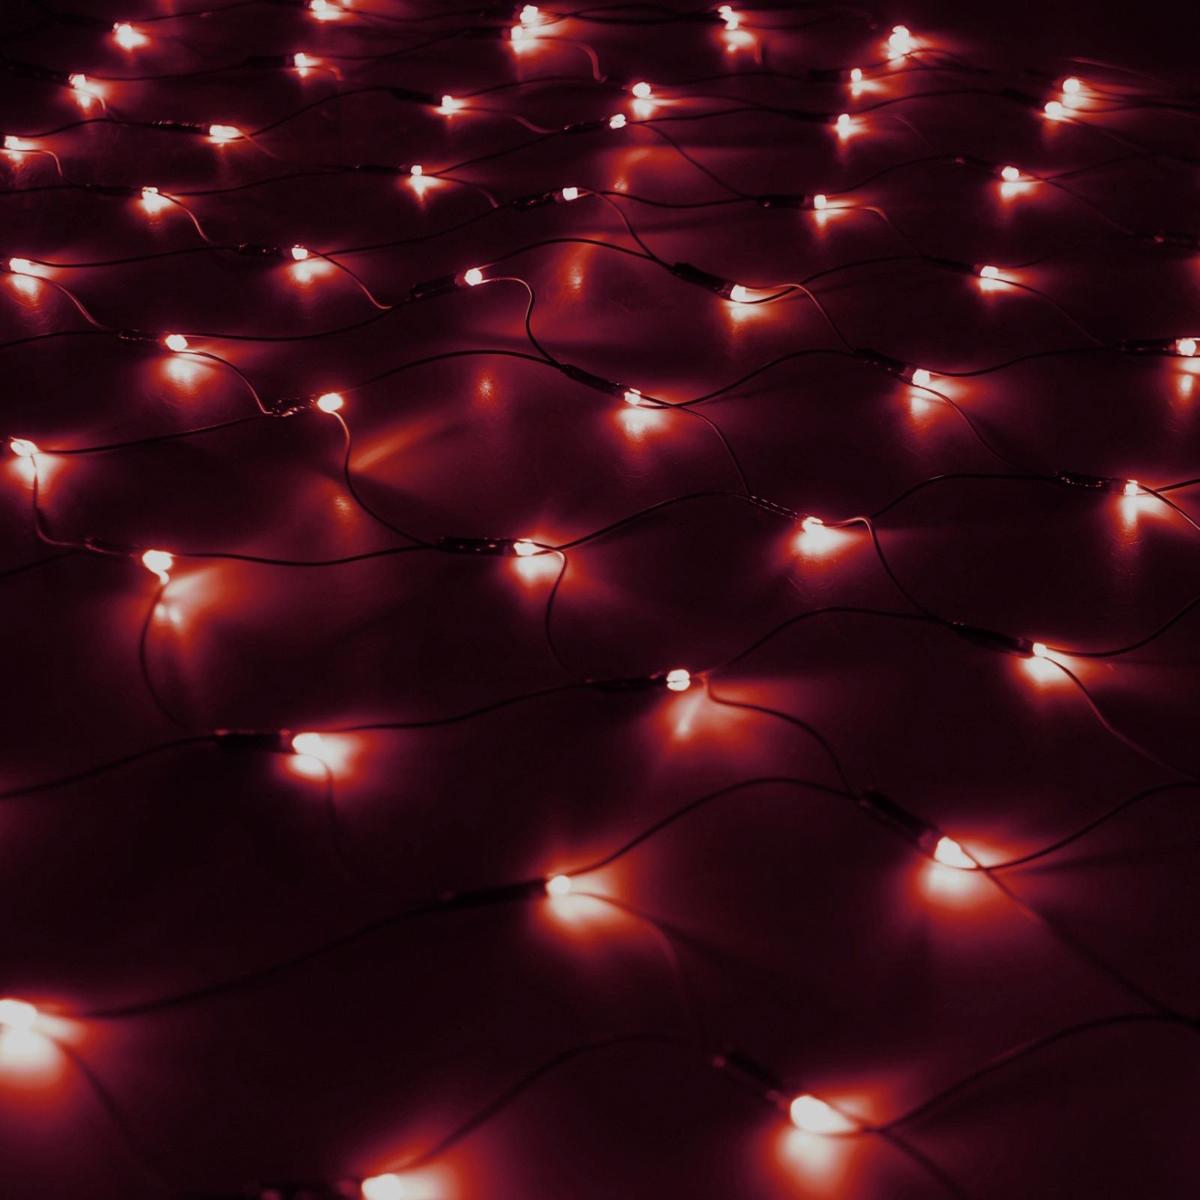 Гирлянда Luazon Сетка, длина 1,1 м, LED 144 ламп, 220V, цвет: красный. 187220187220Светодиодные гирлянды, ленты и т.д — это отличный вариант для новогоднего оформления интерьера или фасада. С их помощью помещение любого размера можно превратить в праздничный зал, а внешние элементы зданий, украшенные ими, мгновенно станут напоминать очертания сказочного дворца. Такие украшения создают ауру предвкушения чуда. Деревья, фасады, витрины, окна и арки будто специально созданы, чтобы вы украсили их светящимися нитями.